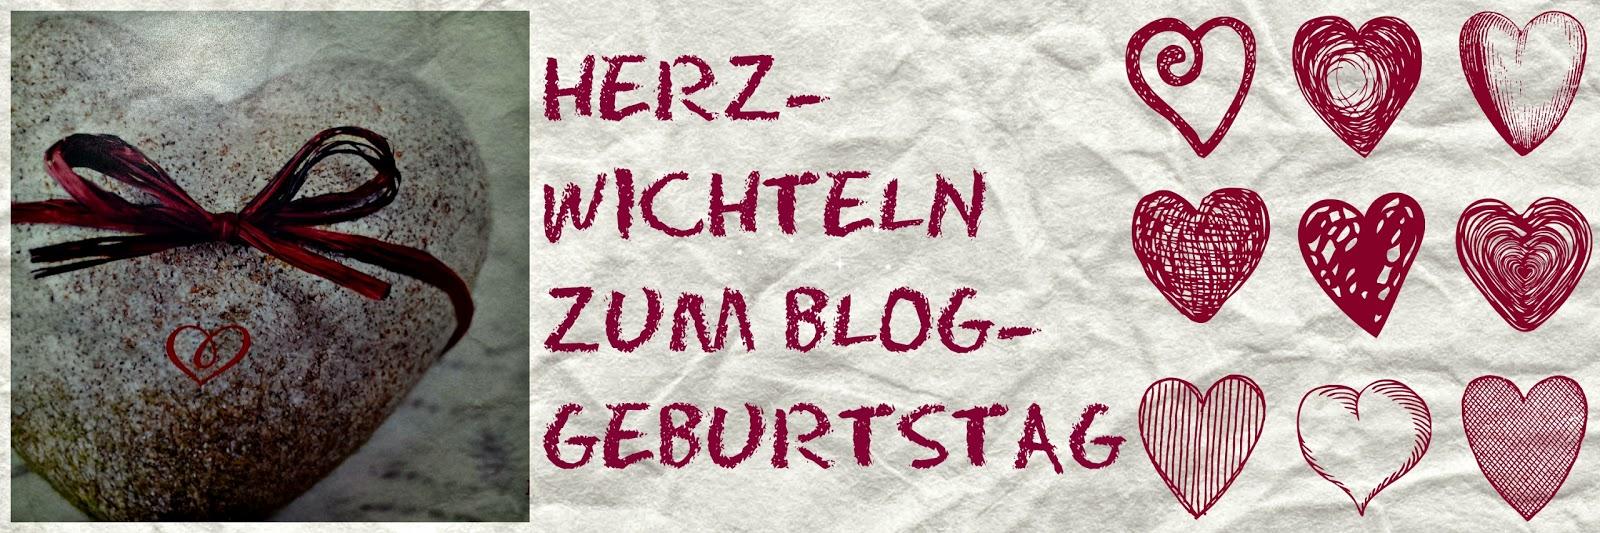 http://nellemiesdesign.blogspot.de/2015/02/herz-wichteln-zum-1bloggeburtstag-272.html